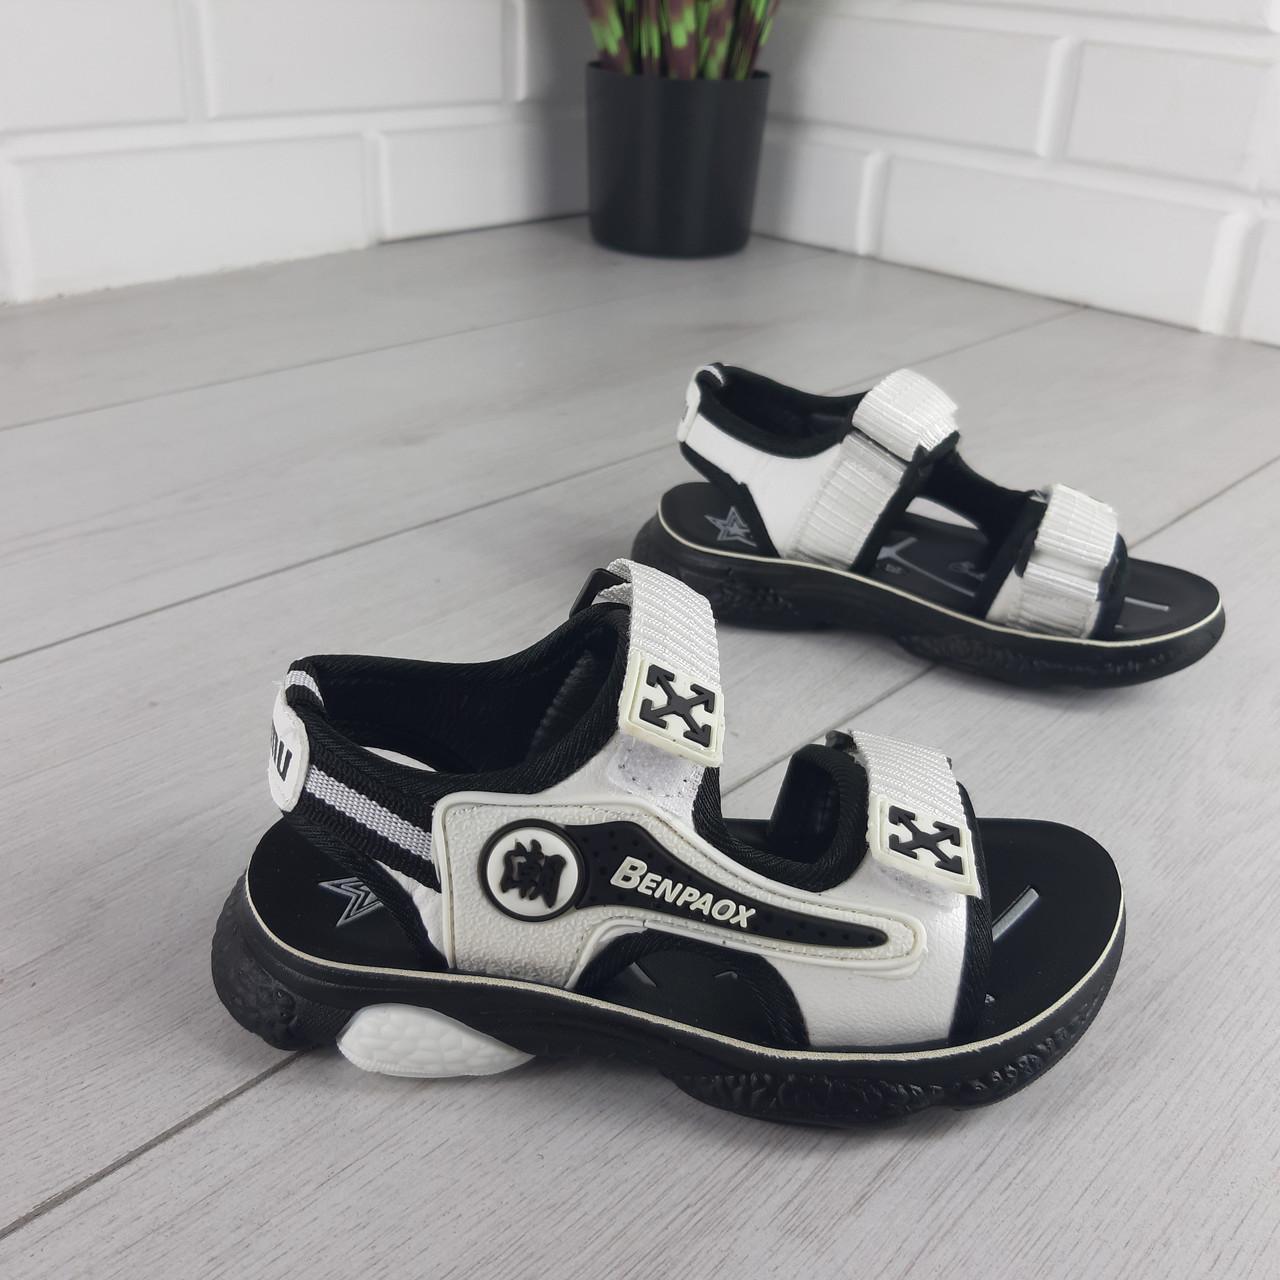 Босоножки детские, сандалии спортивные из эко кожи. Размеры 26-31